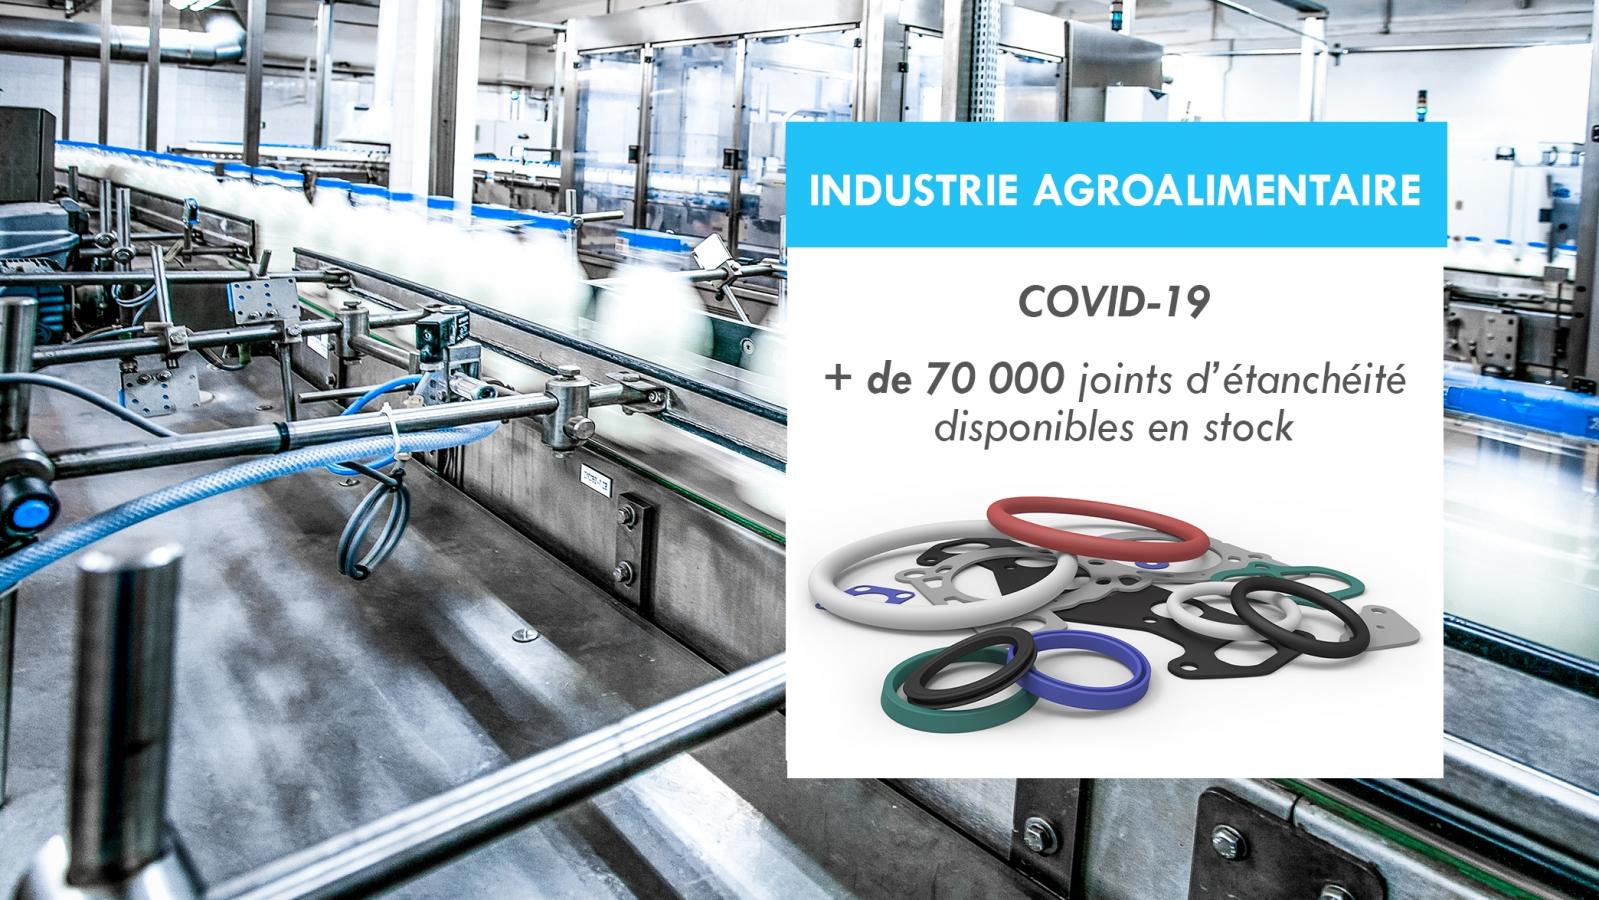 Industrie Agroalimentaire : + de 70 000 articles disponibles pour votre maintenance durant la crise COVID-19